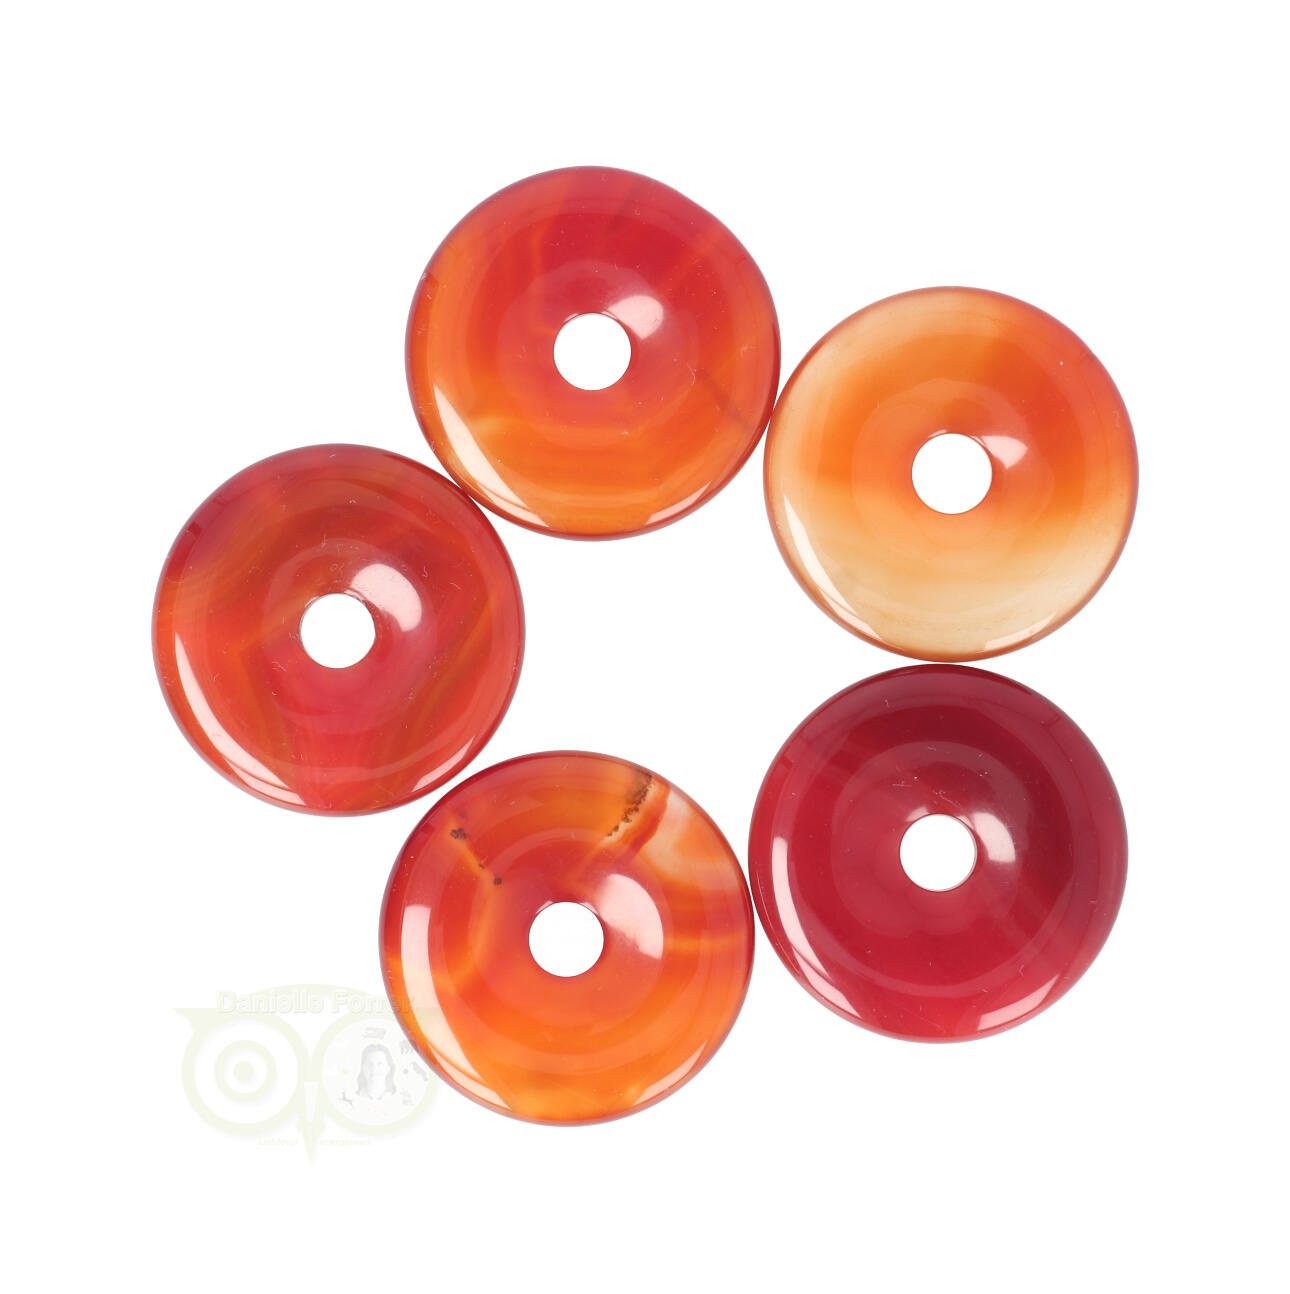 Carneool Donut - Donuts - Carneool Pi Stones | Edelstenen Webwinkel - Webshop Danielle Forrer